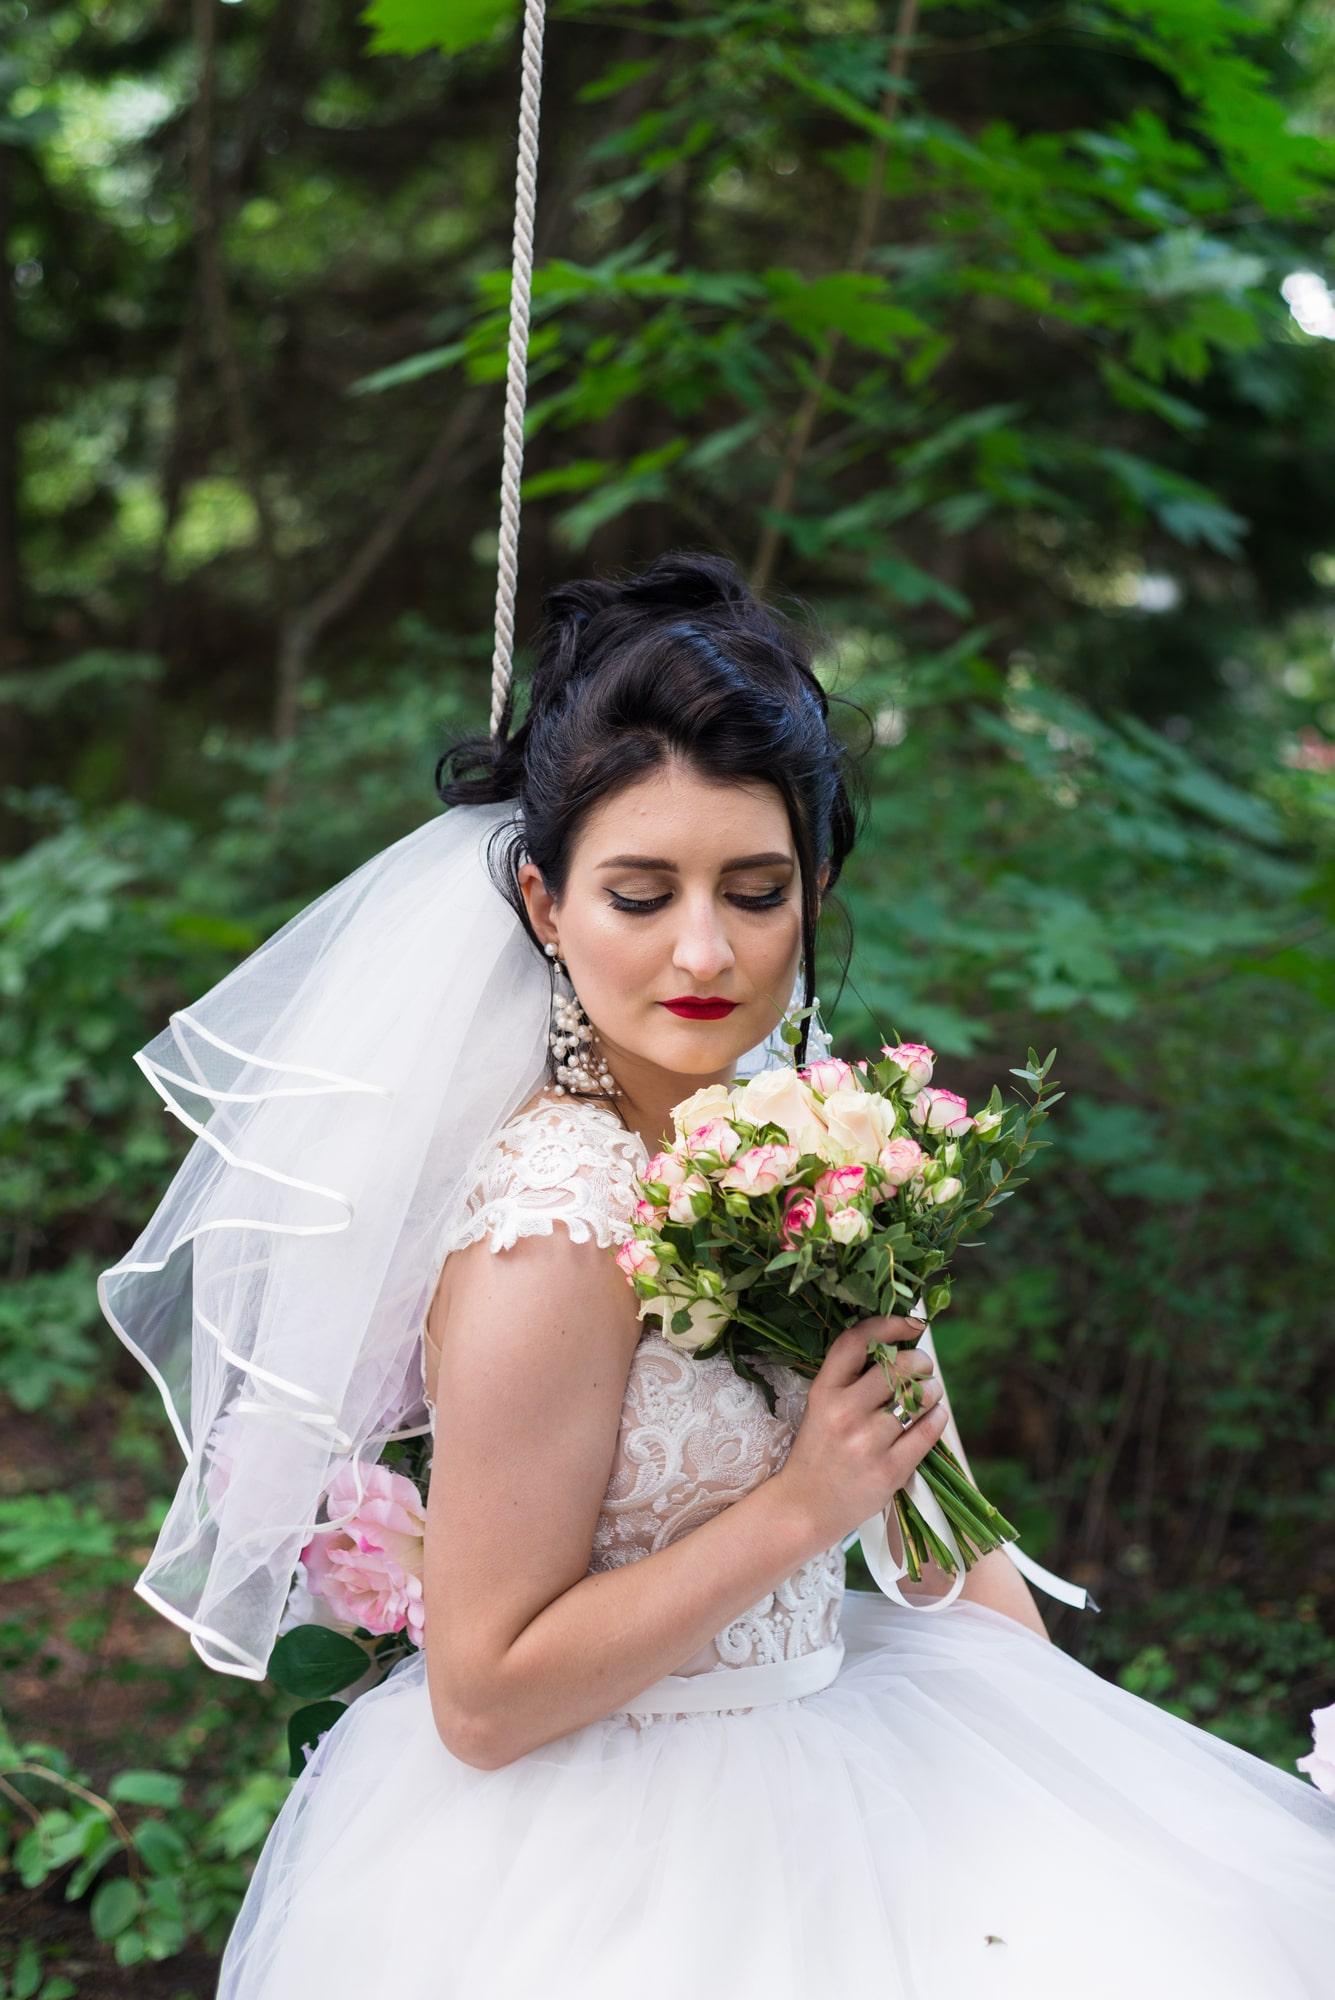 Свадебная фотосессия в студии Play - невеста и букет